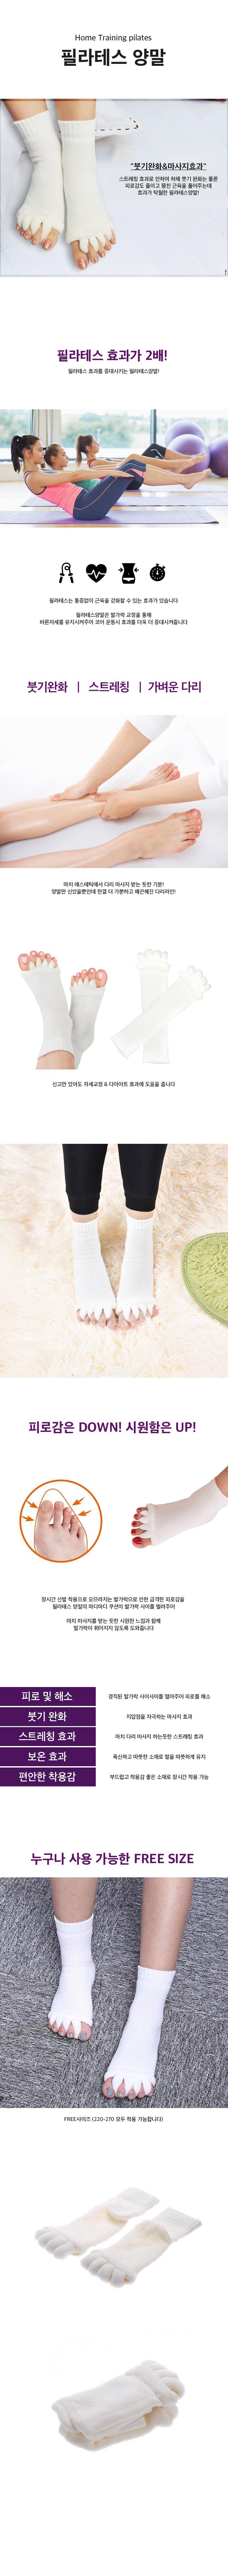 수면 다이어트 필라테스 발가락 양말 - 갓샵, 4,900원, 여성양말, 수면양말